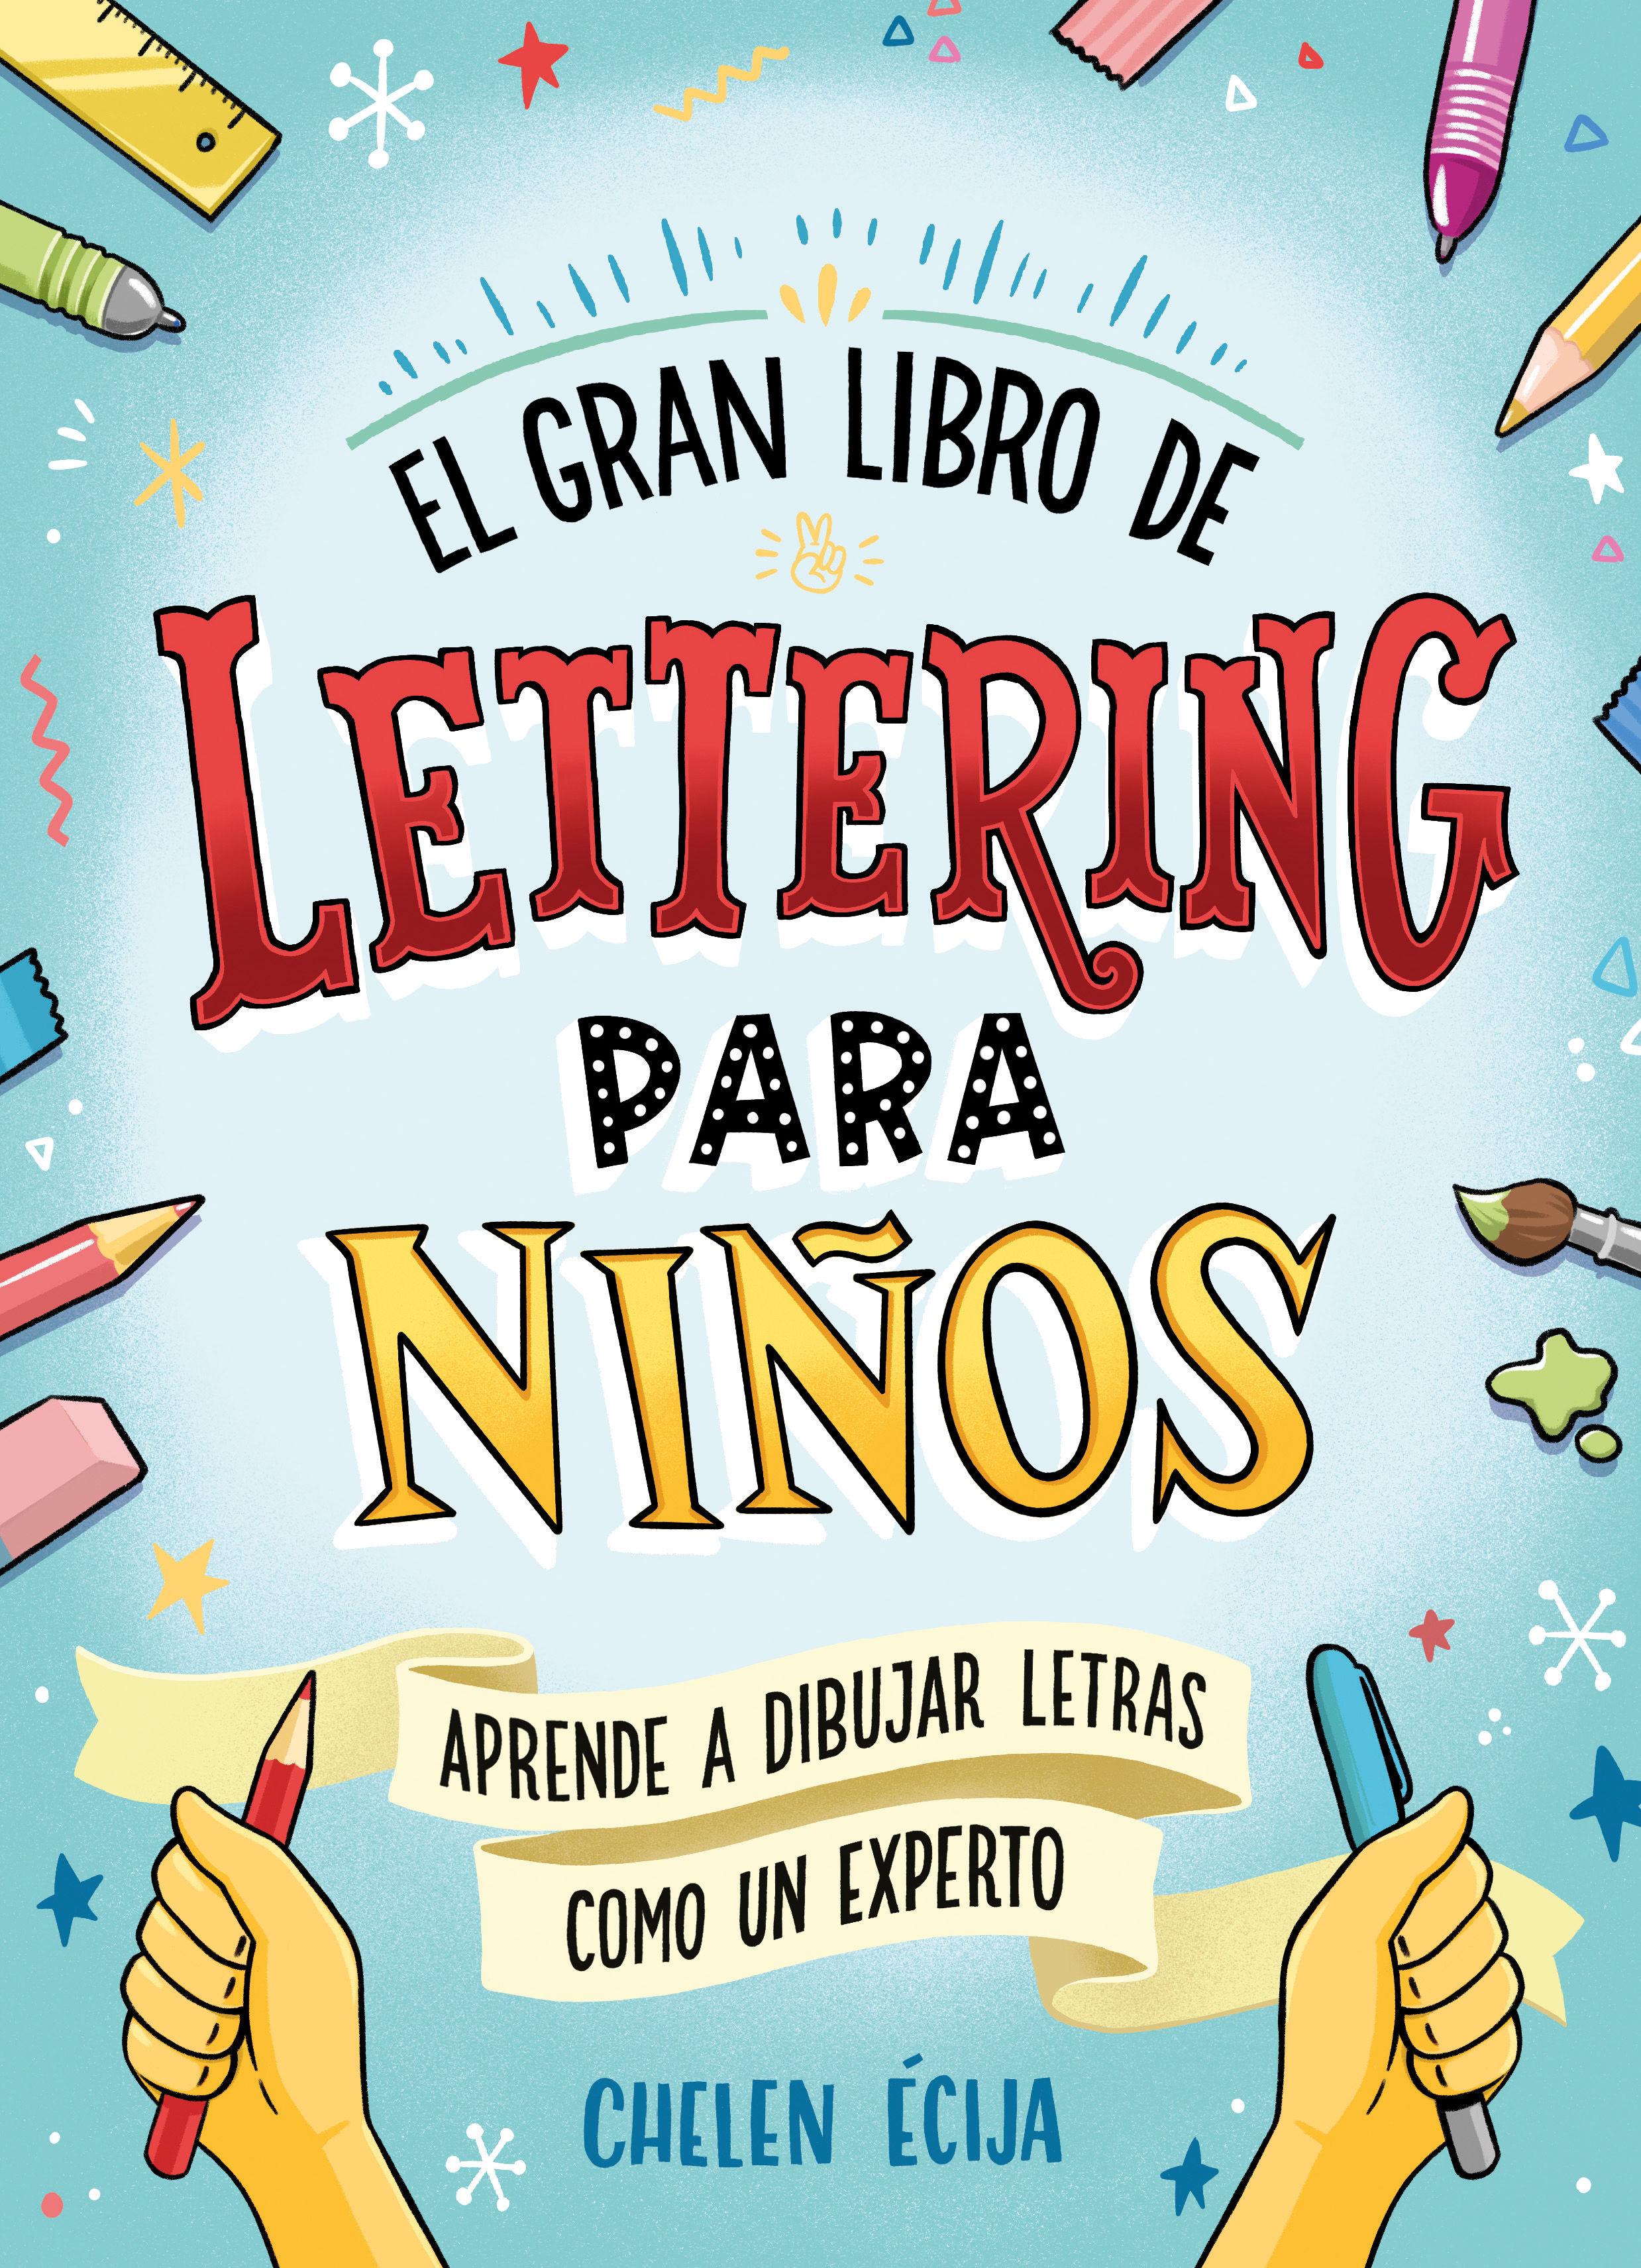 GRAN LIBRO DE LETTERING PARA NIÑOS